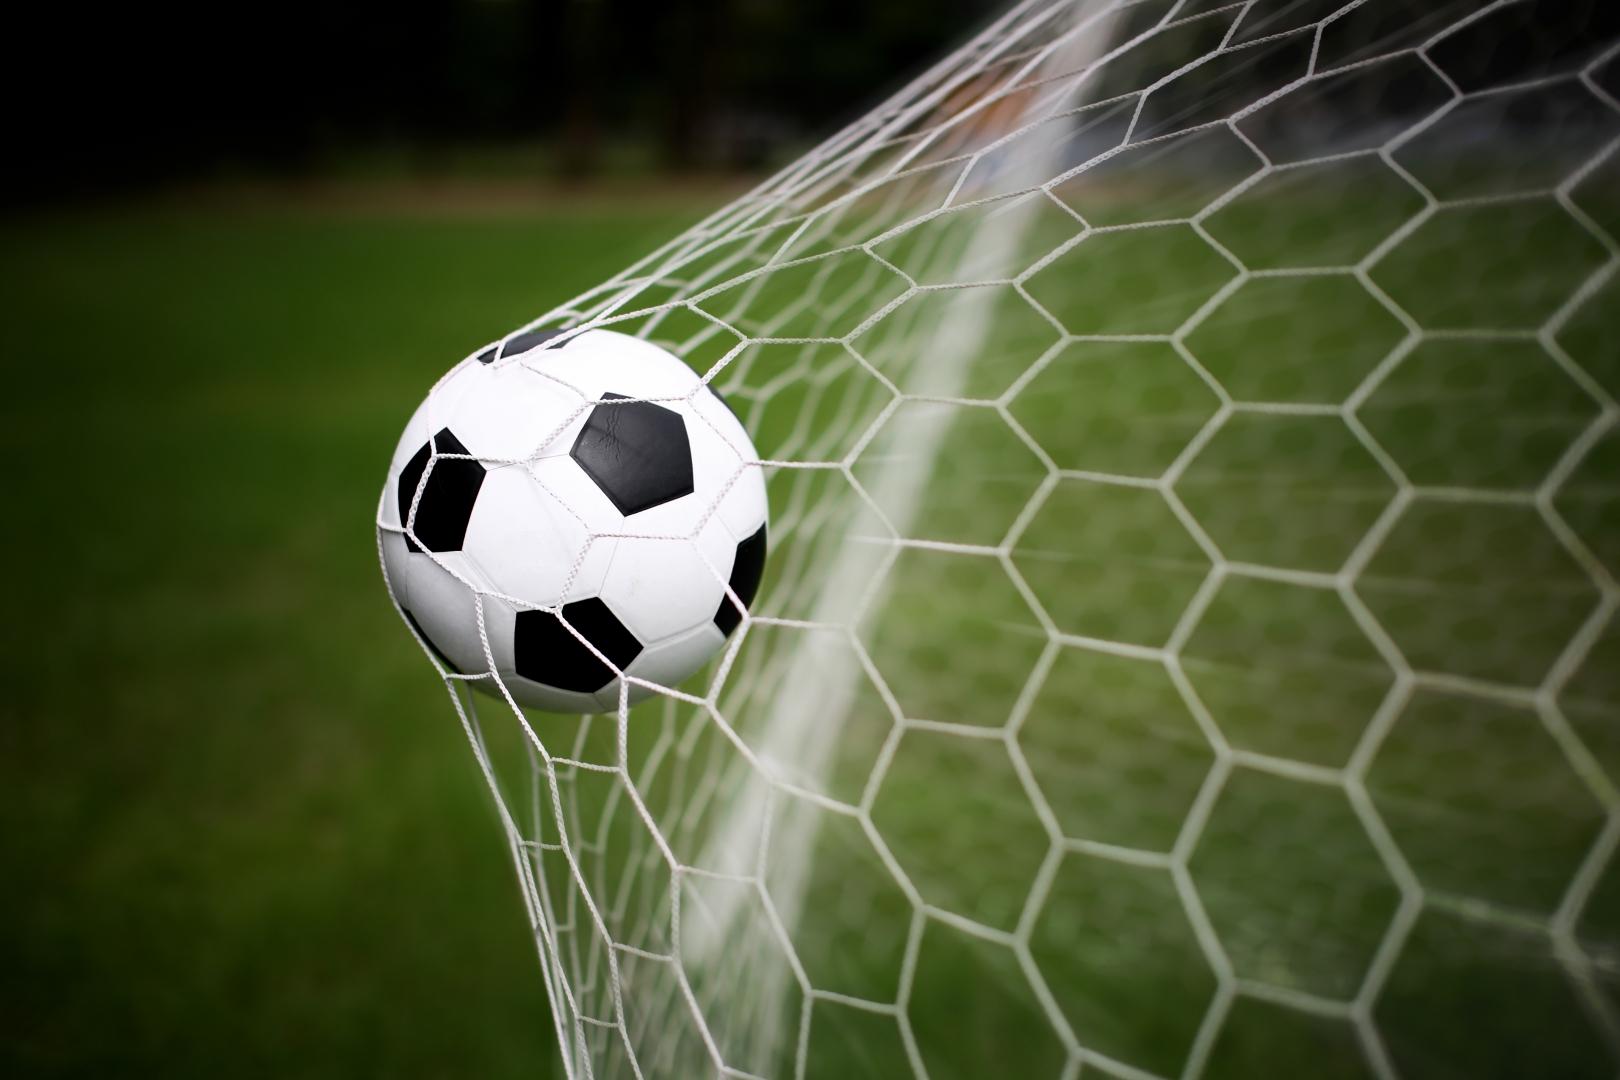 Лучшие голы в истории футбола – топовая десятка